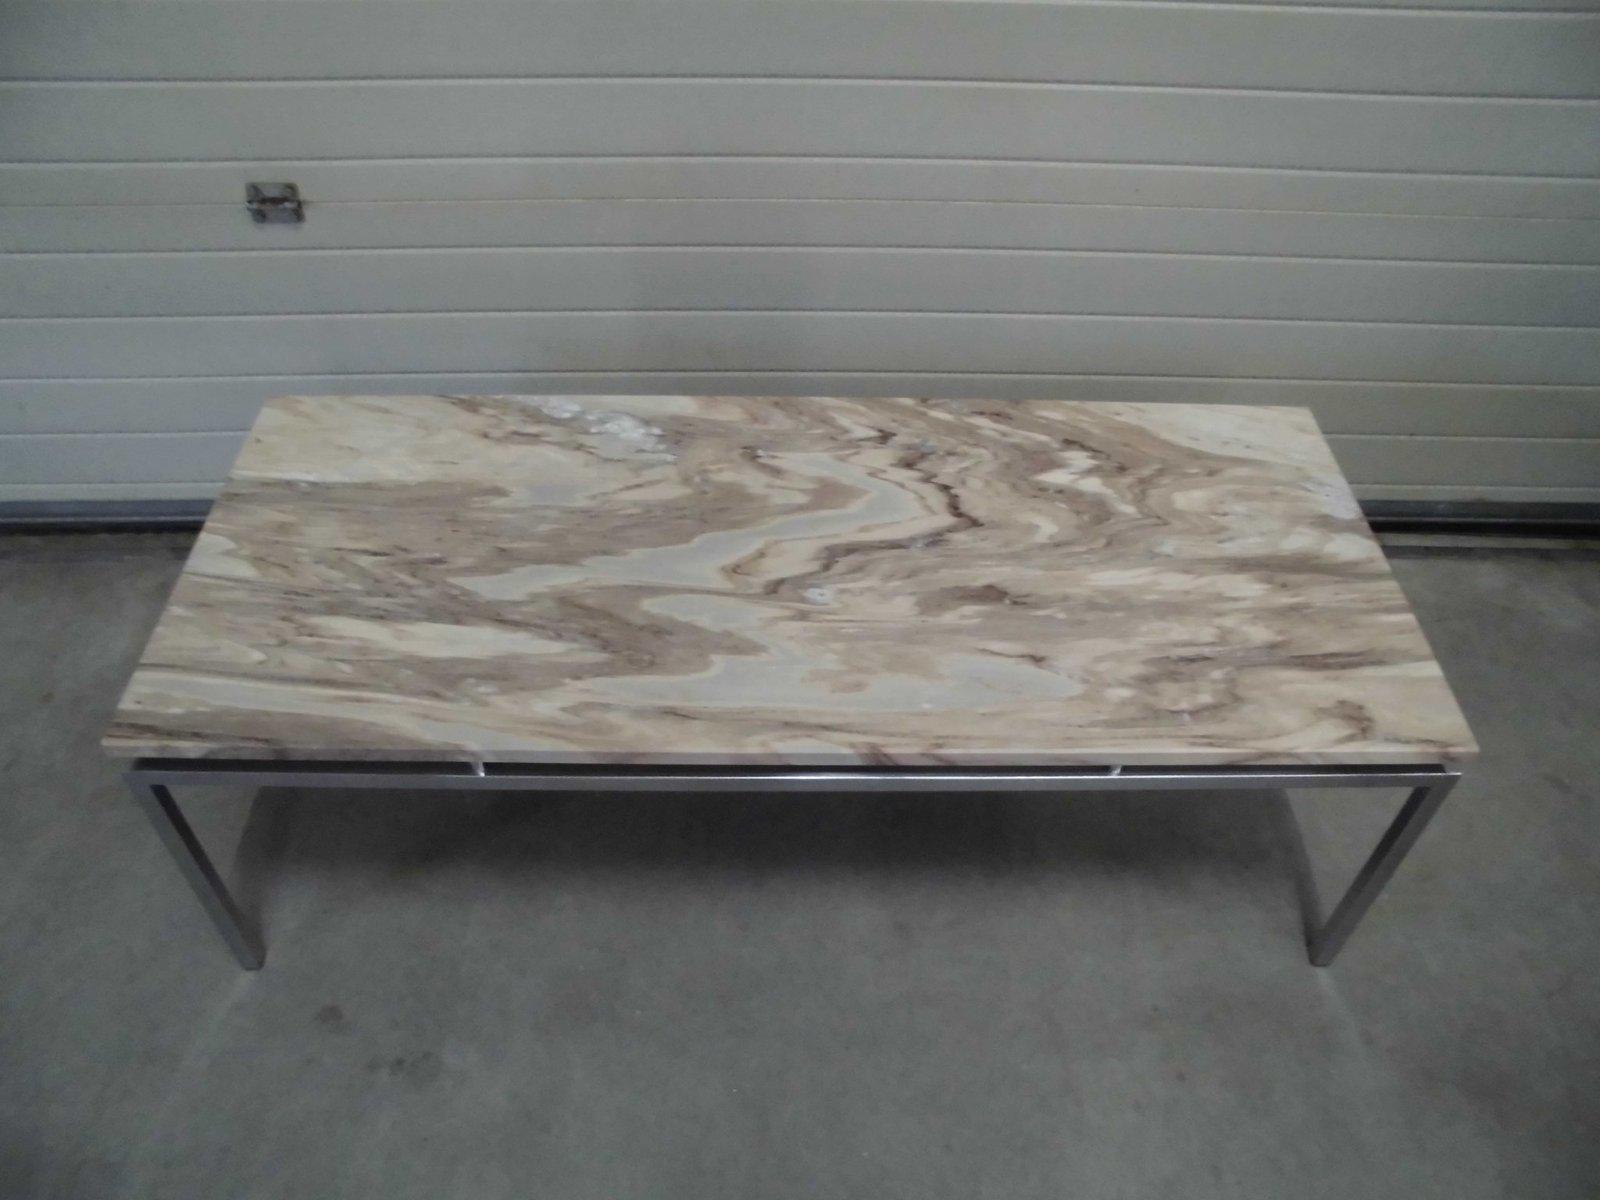 niederl ndischer vintage marmor couchtisch 1969 bei. Black Bedroom Furniture Sets. Home Design Ideas